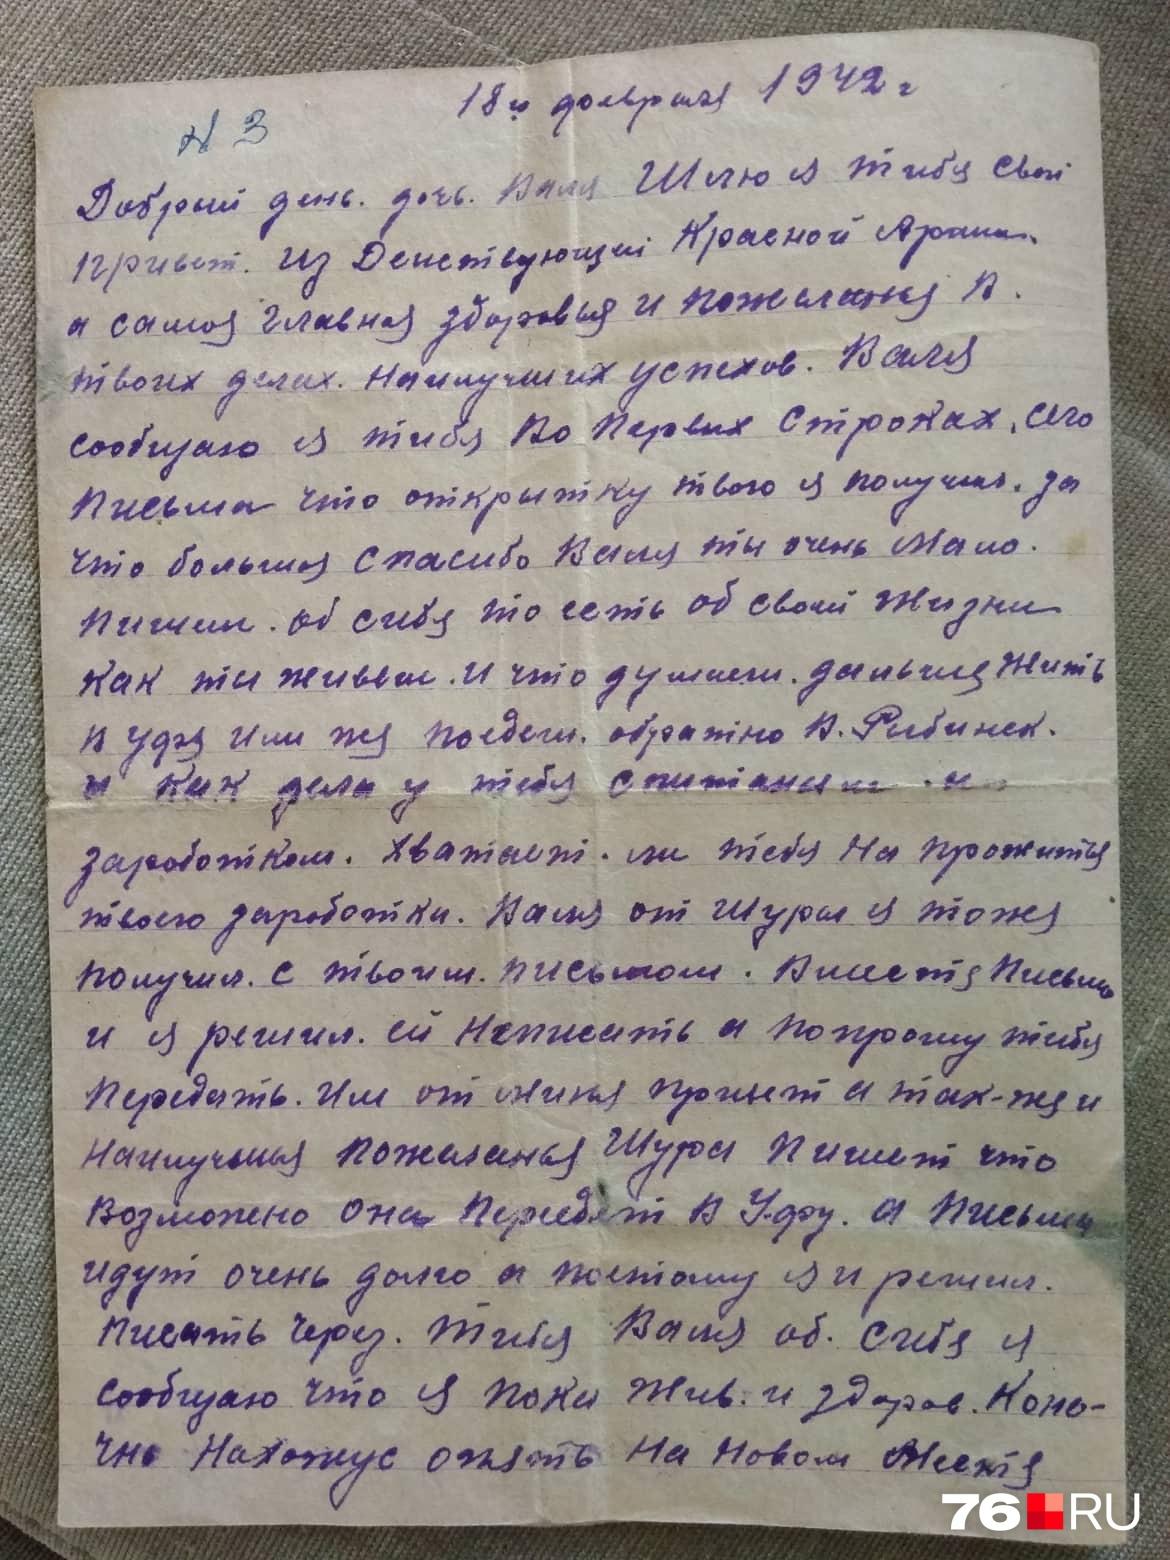 Павел Сорокин написал длинное письмо своей дочери Вале